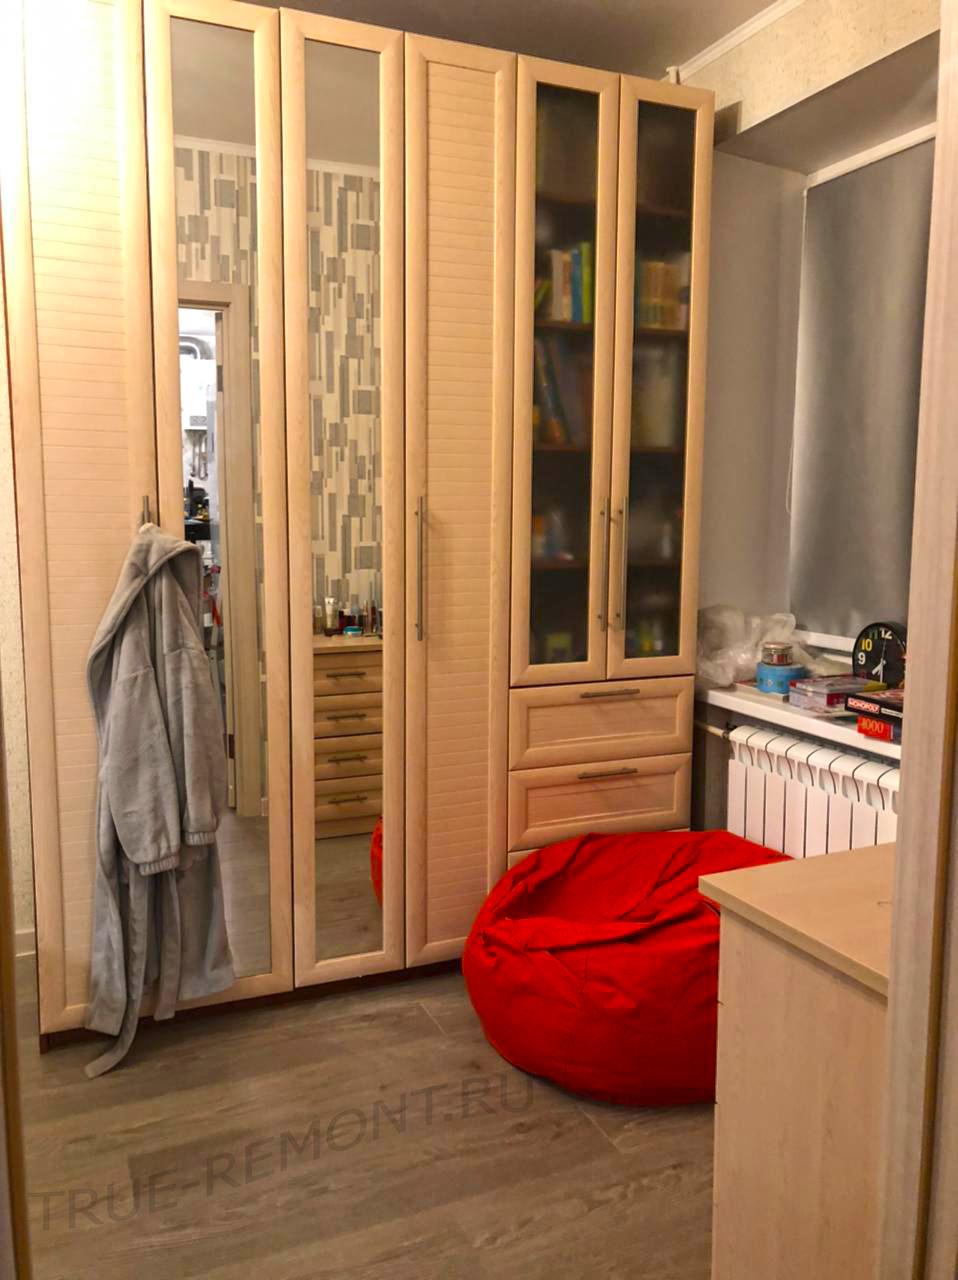 Квартира-студия из типовой хрущёвки